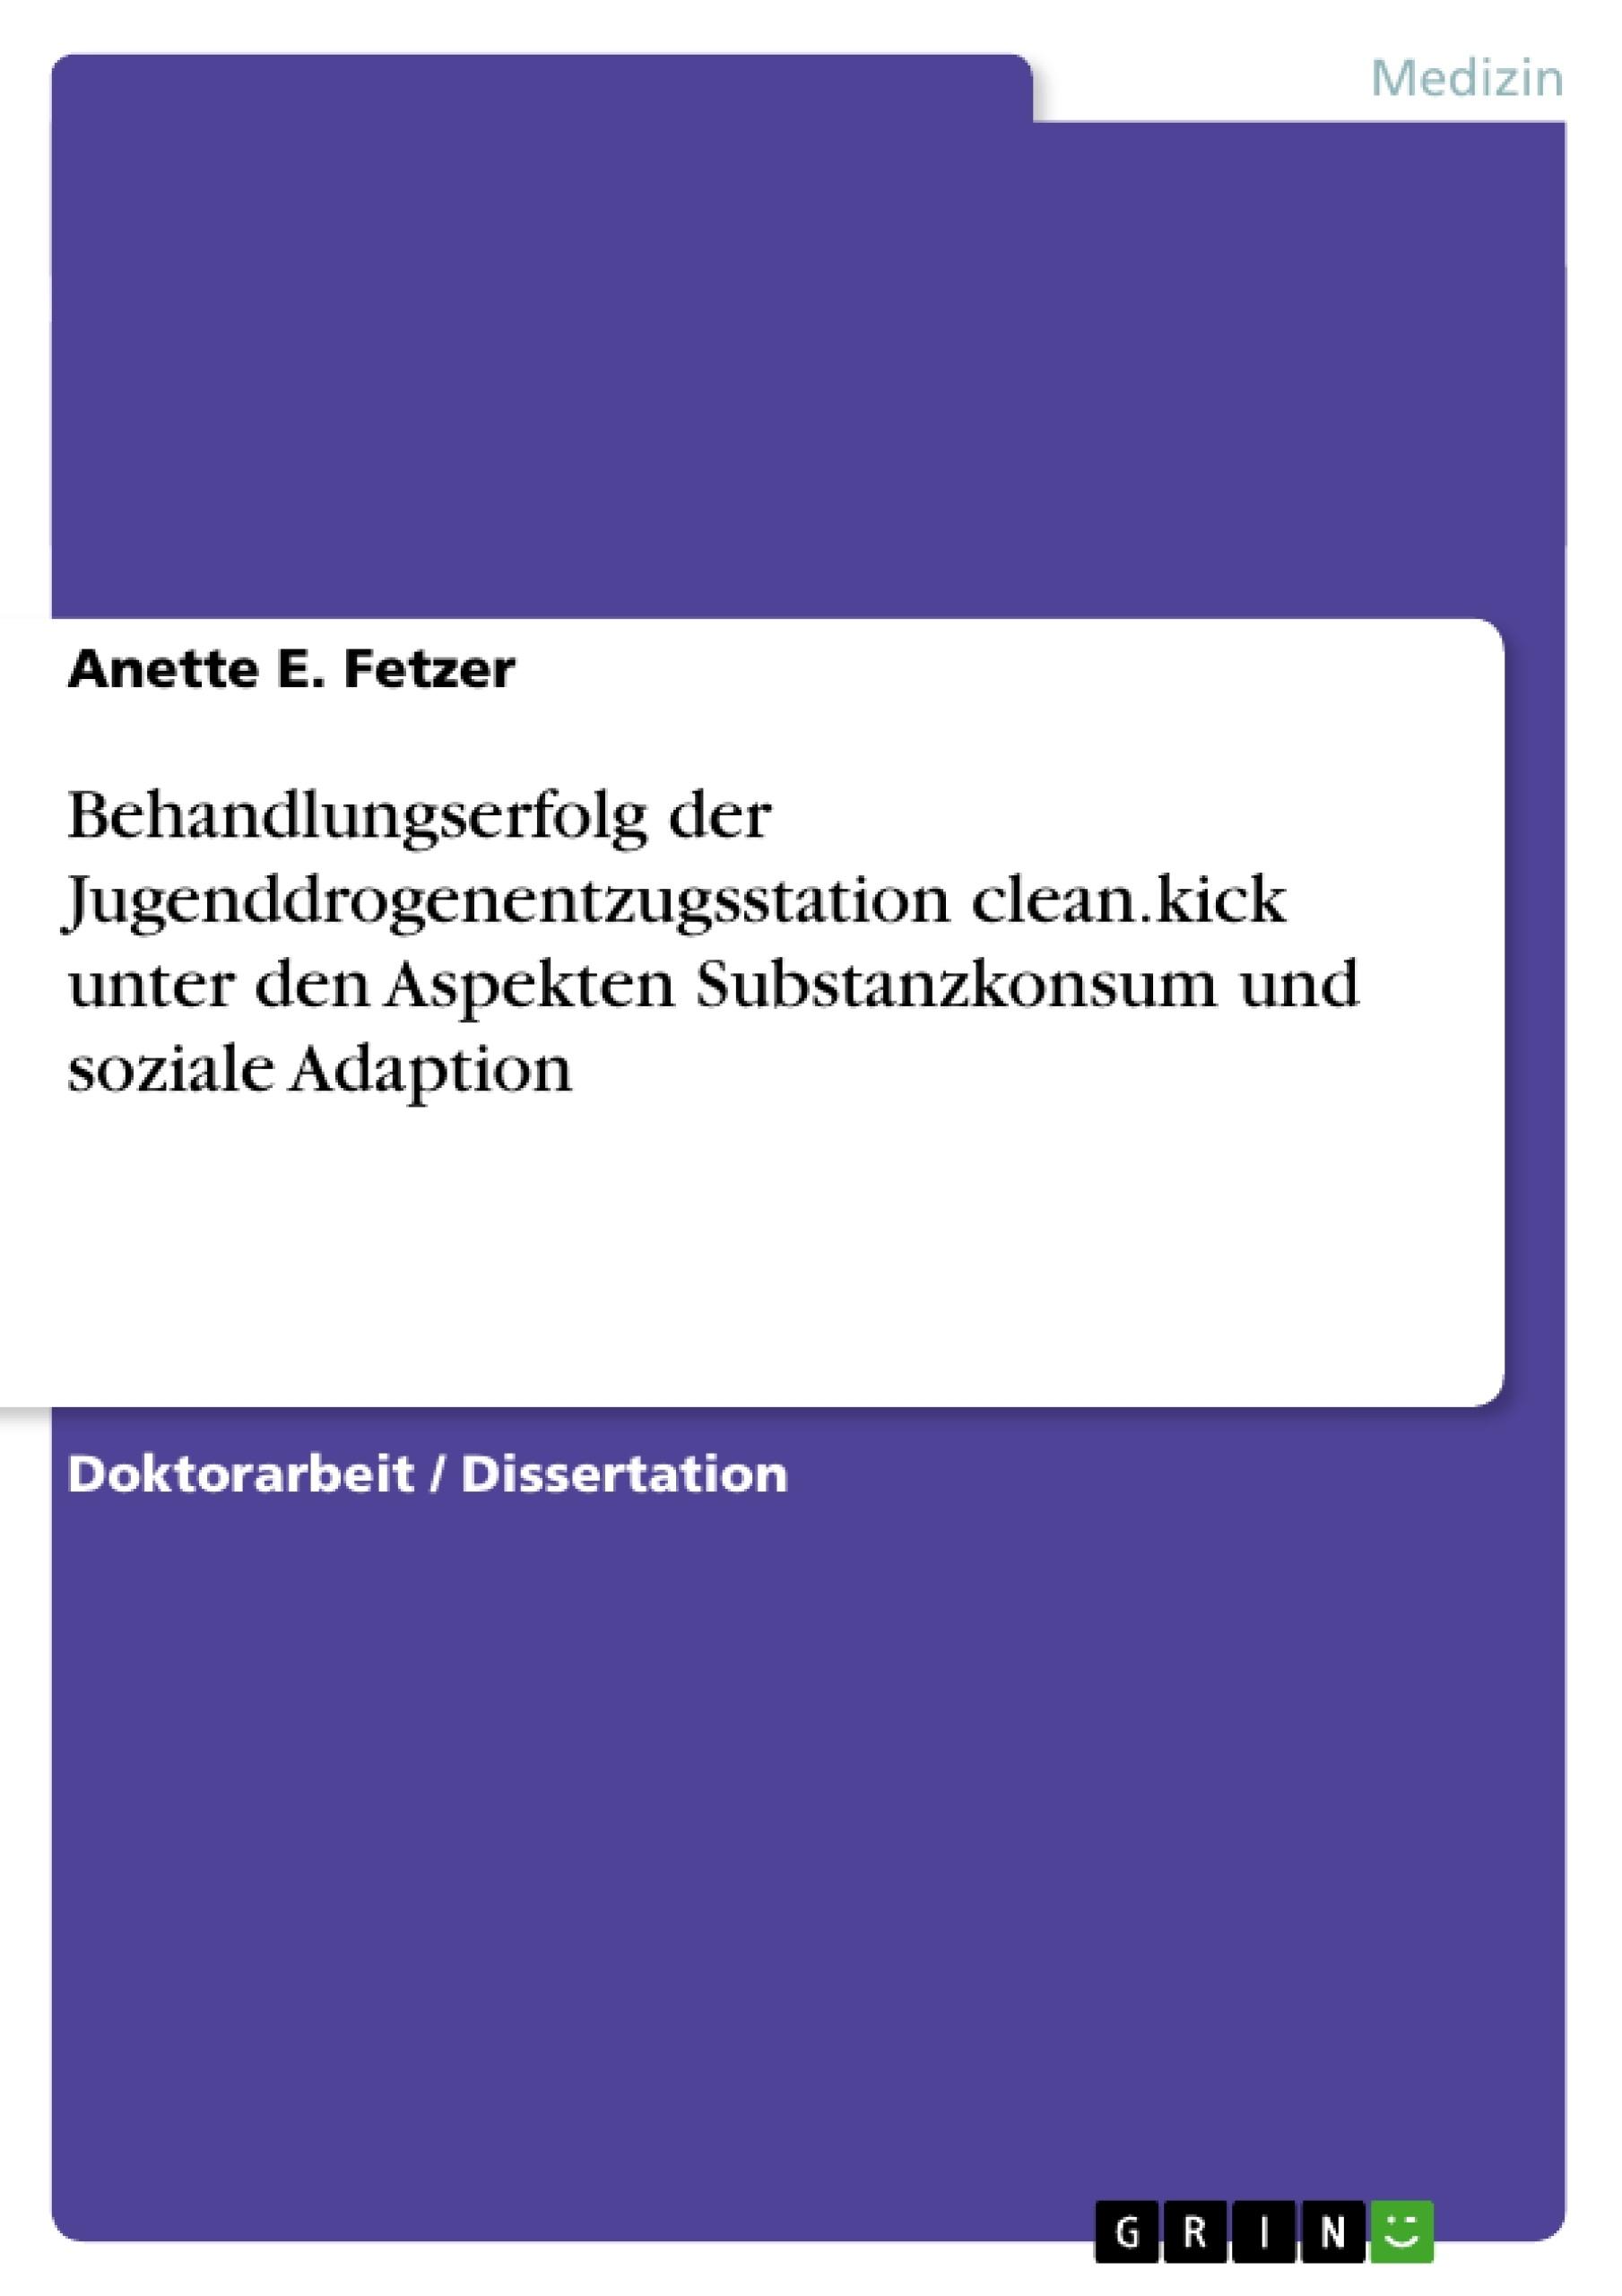 Titel: Behandlungserfolg der Jugenddrogenentzugsstation clean.kick unter den Aspekten Substanzkonsum und soziale Adaption